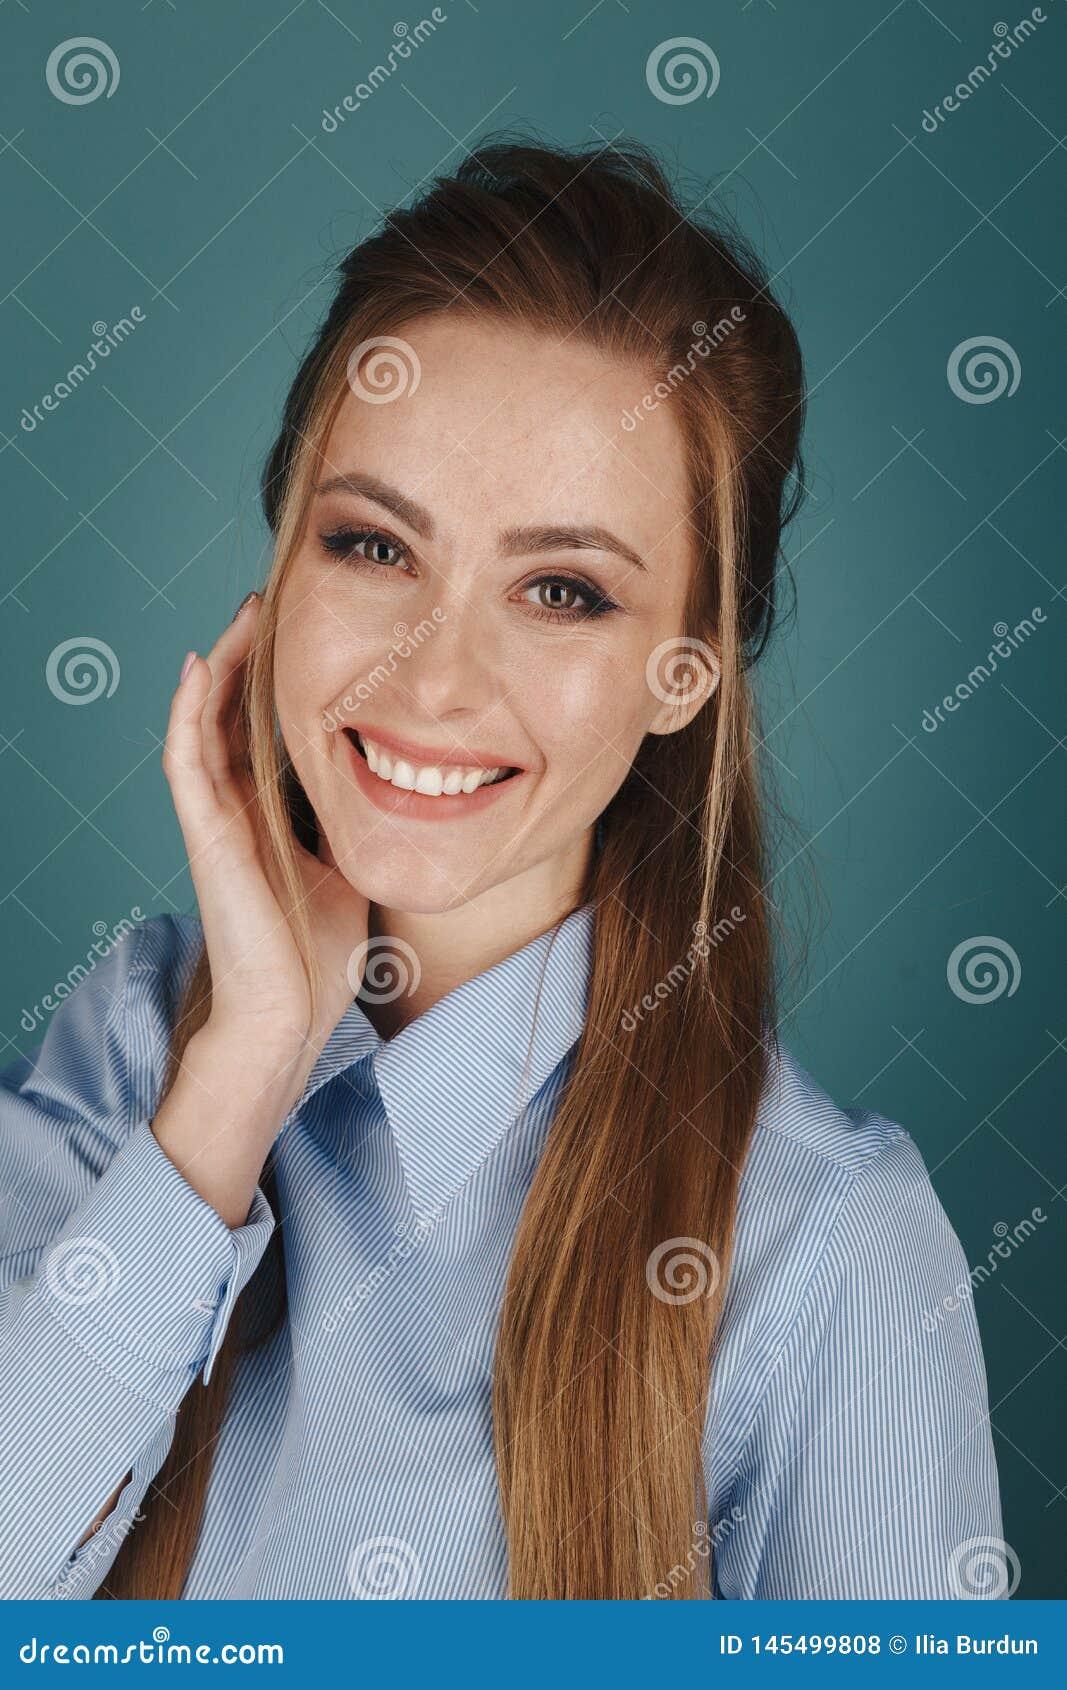 Retrato do close up da mulher bonita de Yong com composição brilhante em um estúdio sobre o fundo azul